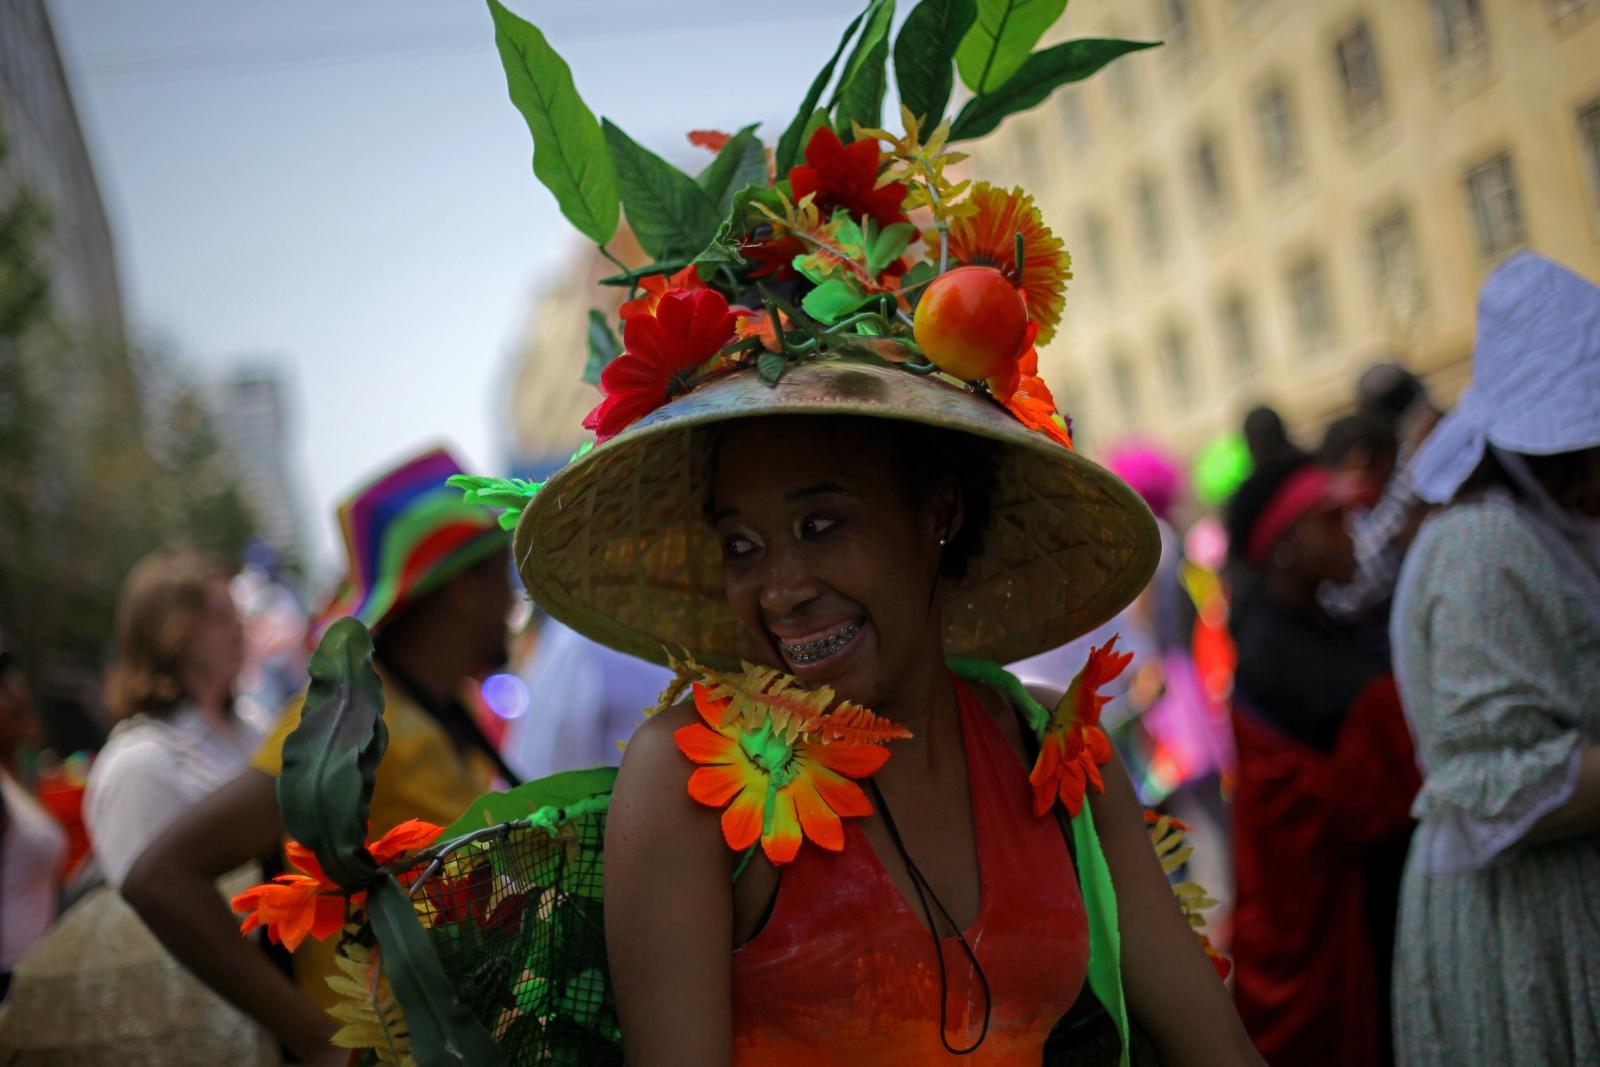 Karnawał na ulicach Pretorii, Republika Południowej Afryki